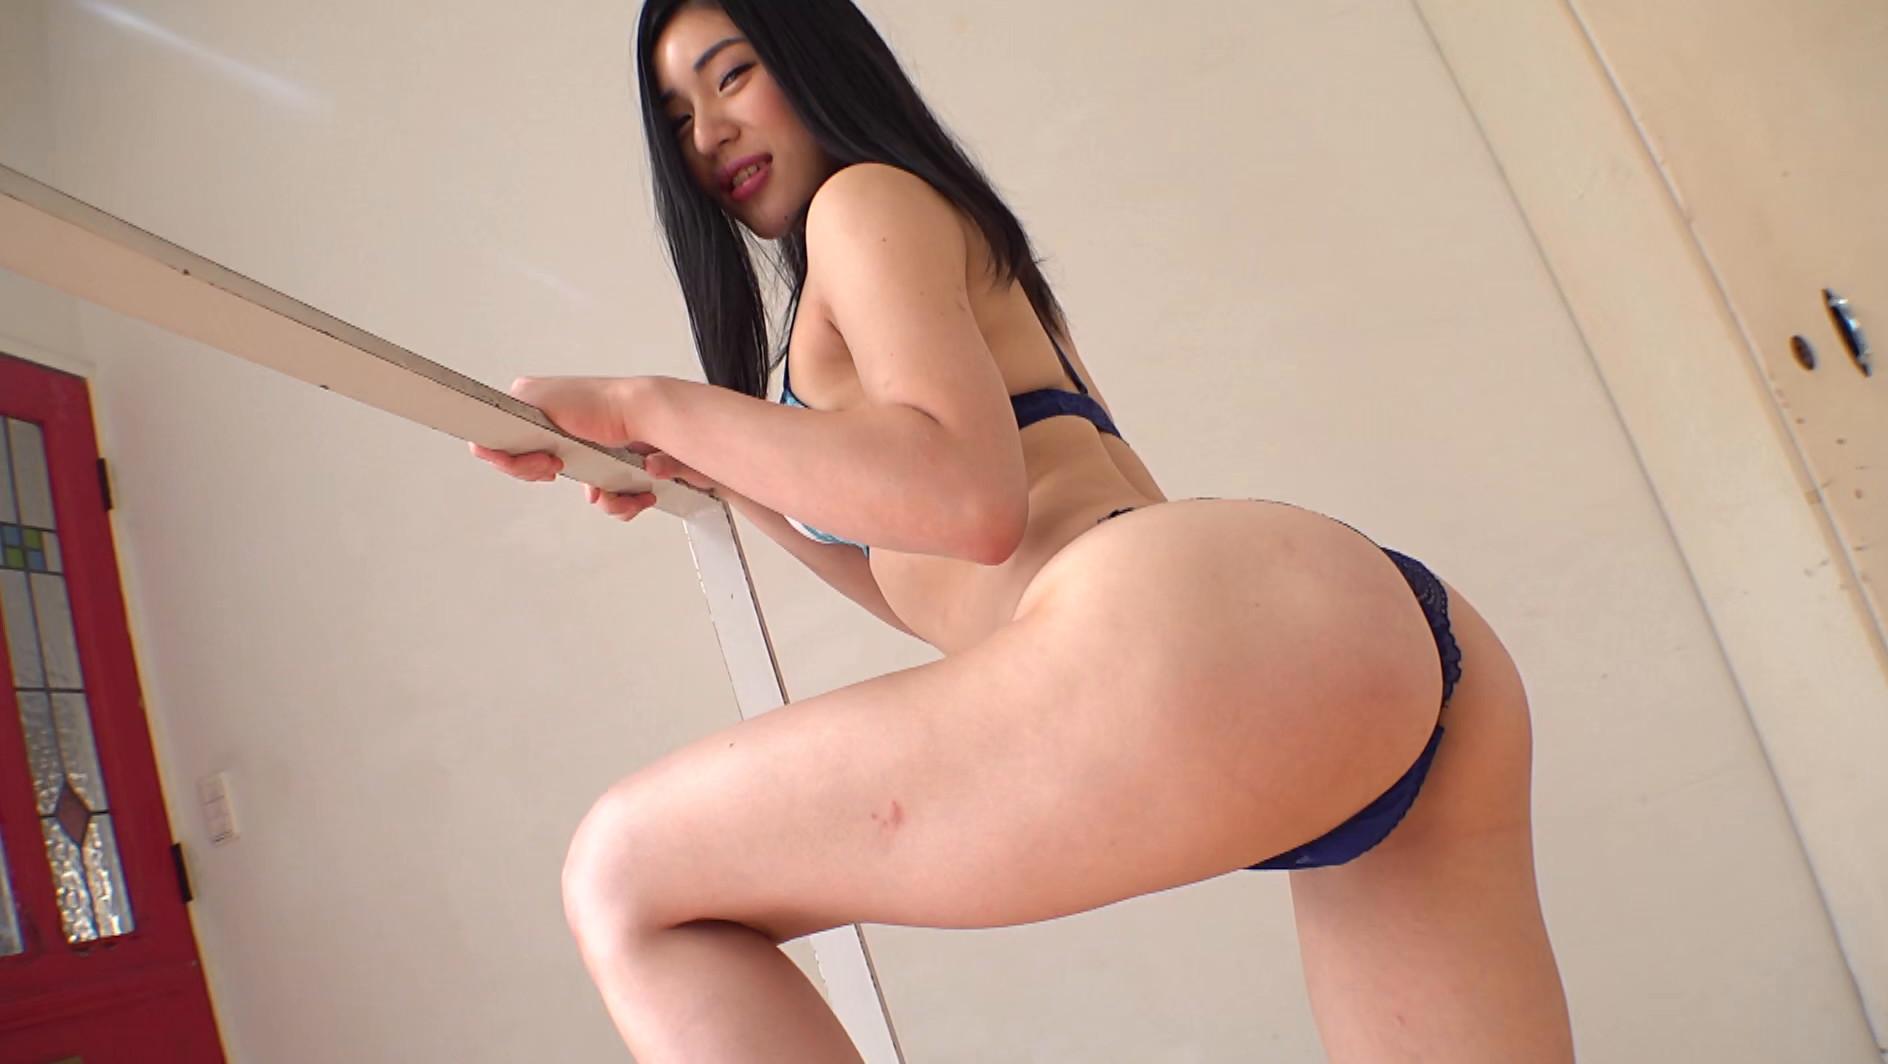 キックボクサーでファッションモデルもこなす 美女デビュー 朝倉沙月 画像10